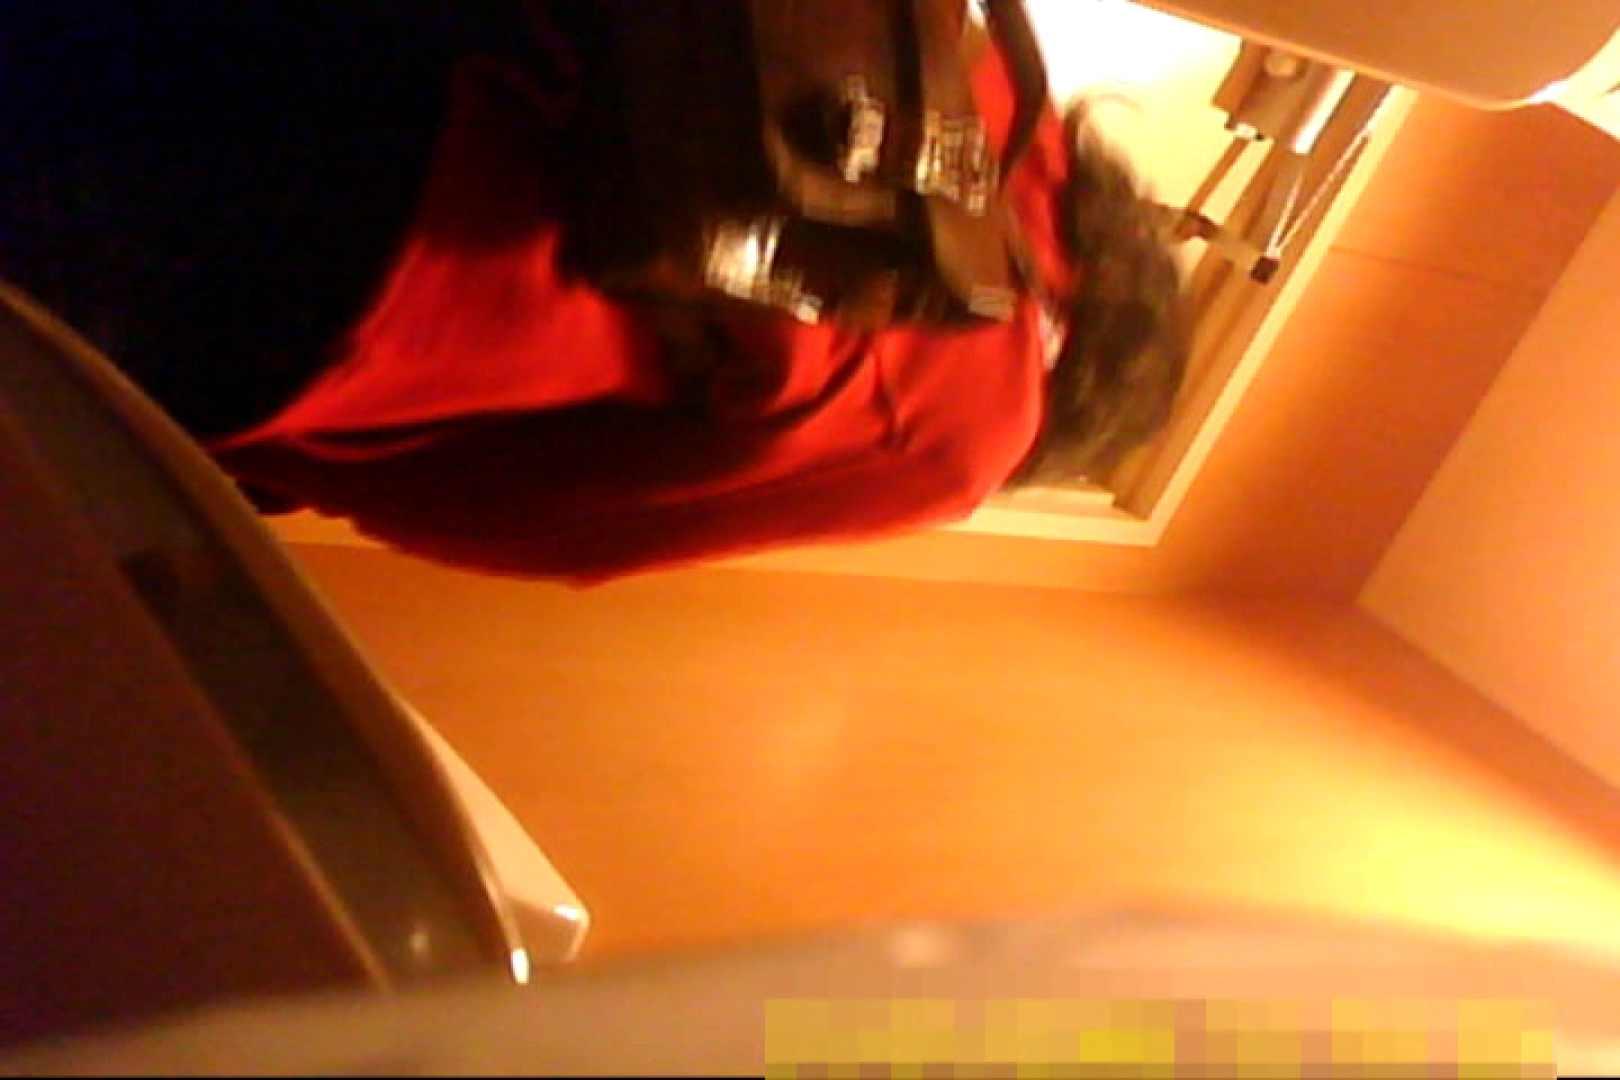 魅惑の化粧室~禁断のプライベート空間~vol.6 お姉さん丸裸 オメコ無修正動画無料 75pic 49